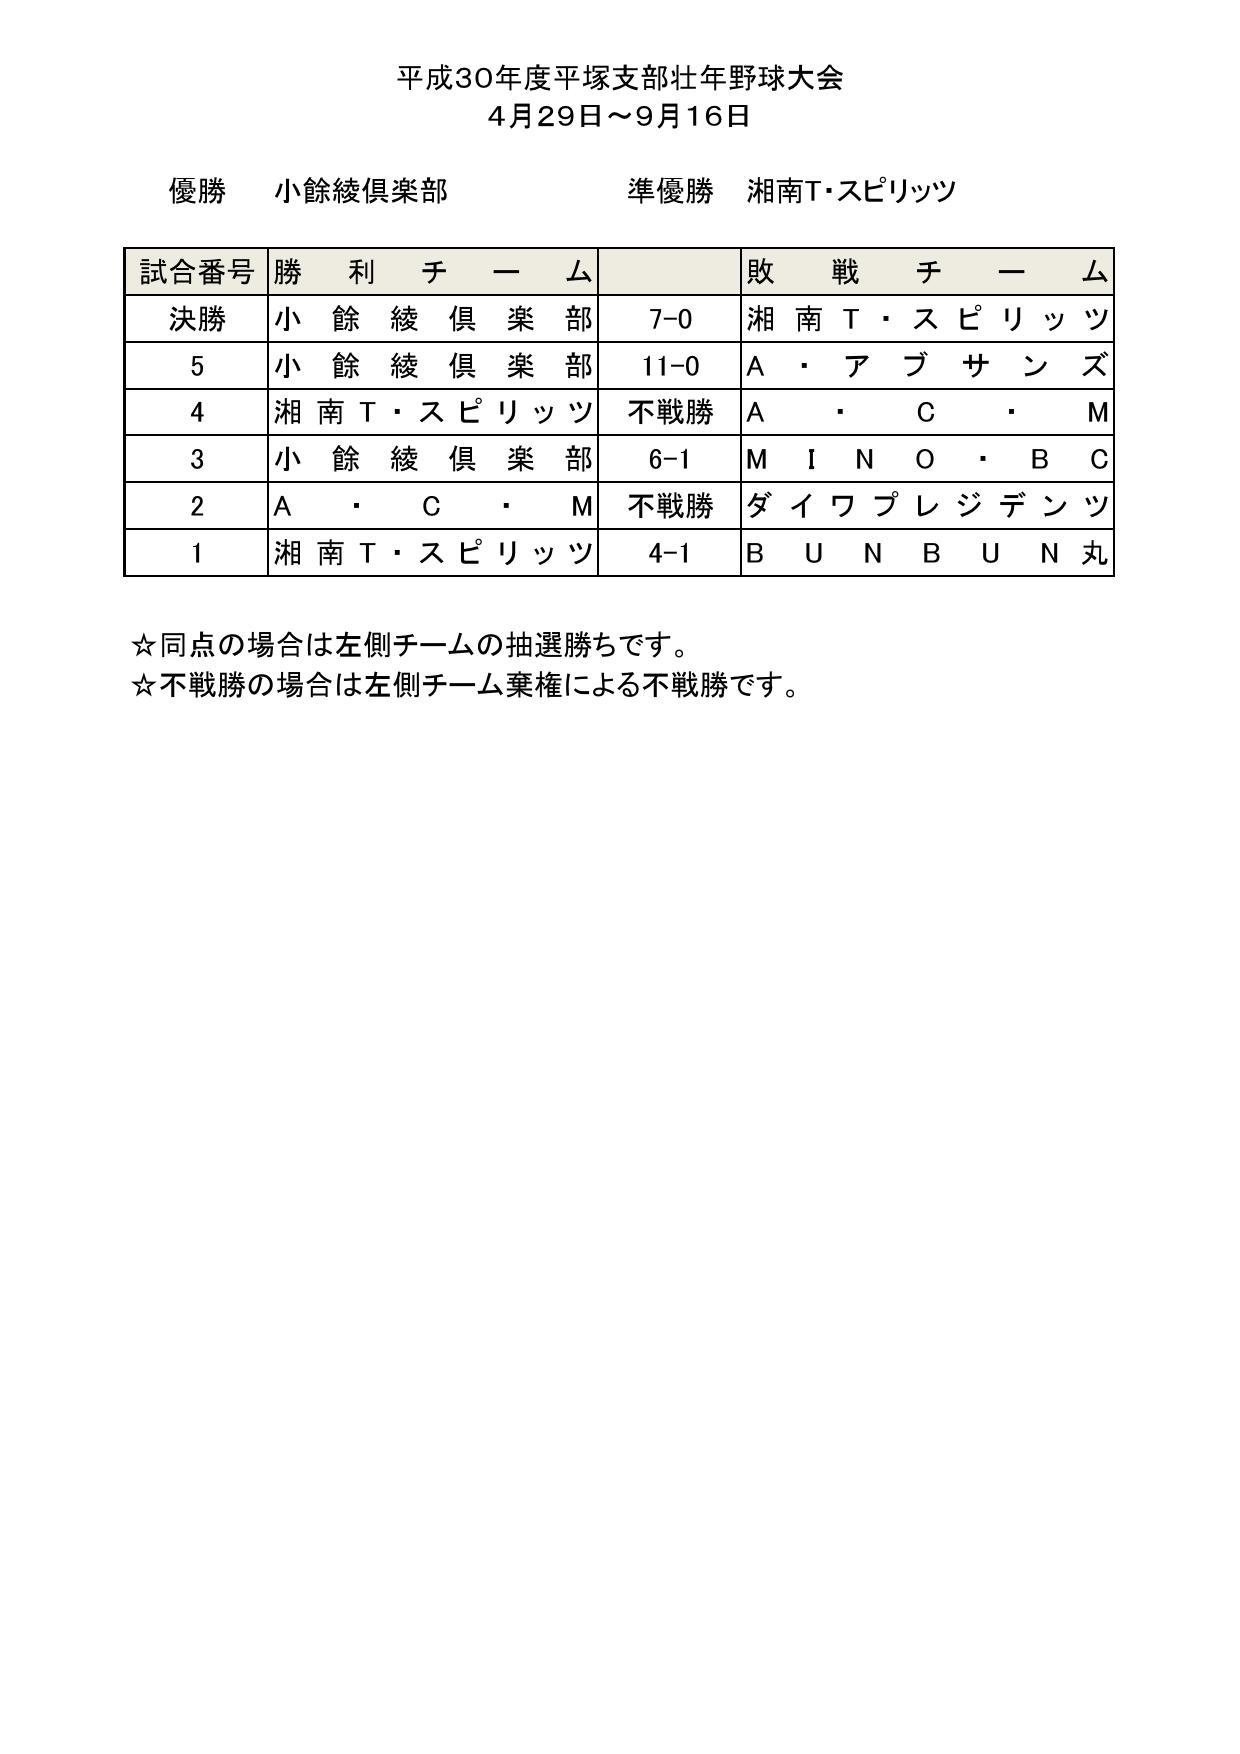 18sou_0916.jpg